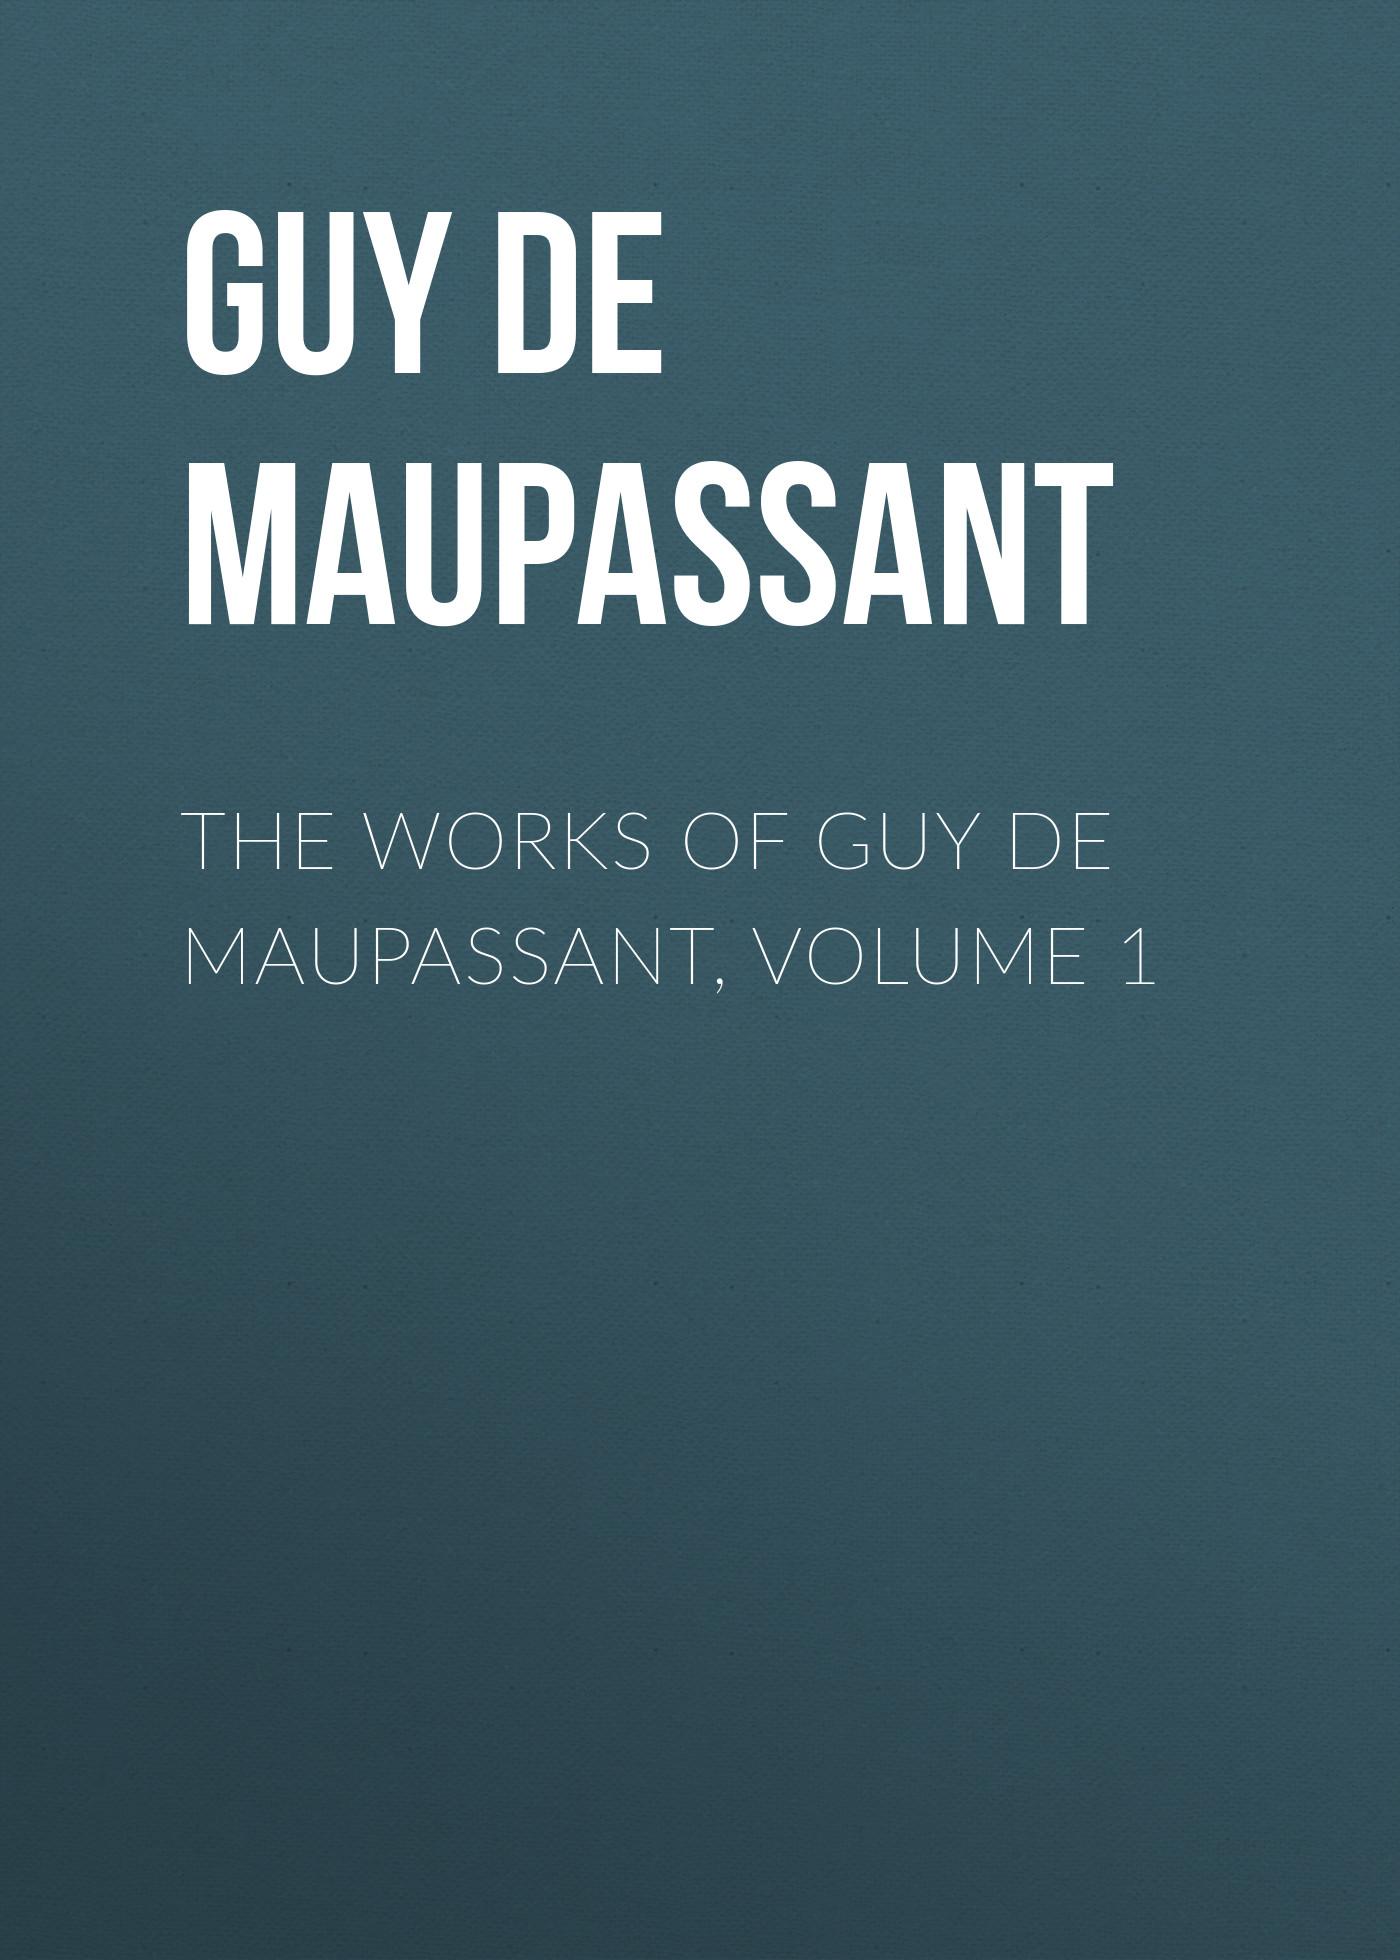 цена на Ги де Мопассан The Works of Guy de Maupassant, Volume 1